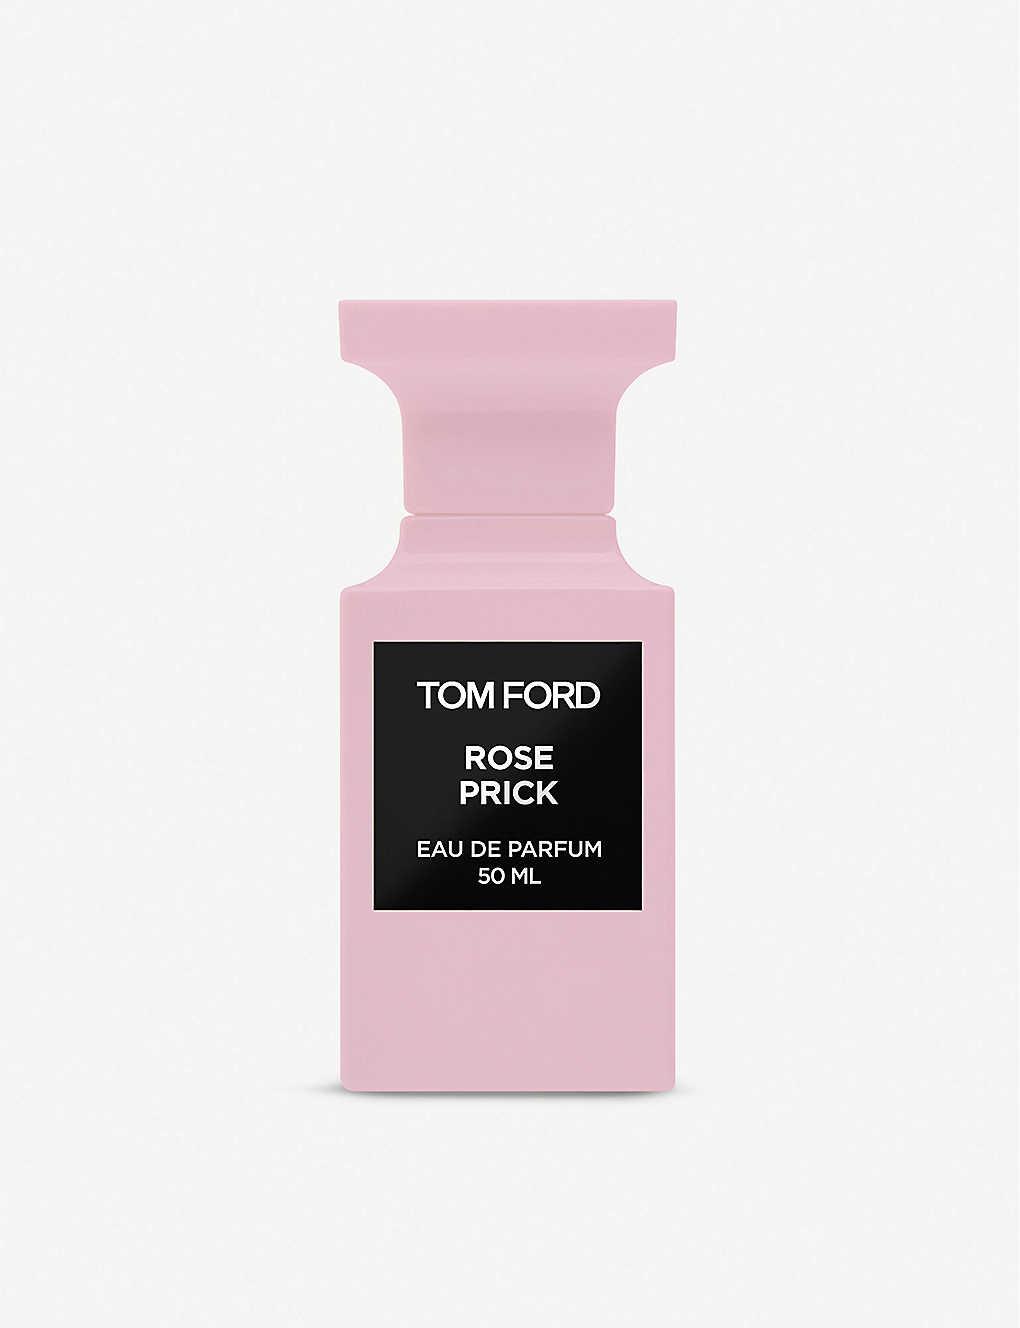 TOM FORD Rose Prick eau de parfum 488 лв. Един от винаги актуалните аромати е подсилен още и от невероятно стилна опаковка . Розата във формулата не е само една - тя представлява микс от различни сортове по света, за да достави неповторим аромат и усещане за свобода и радост.